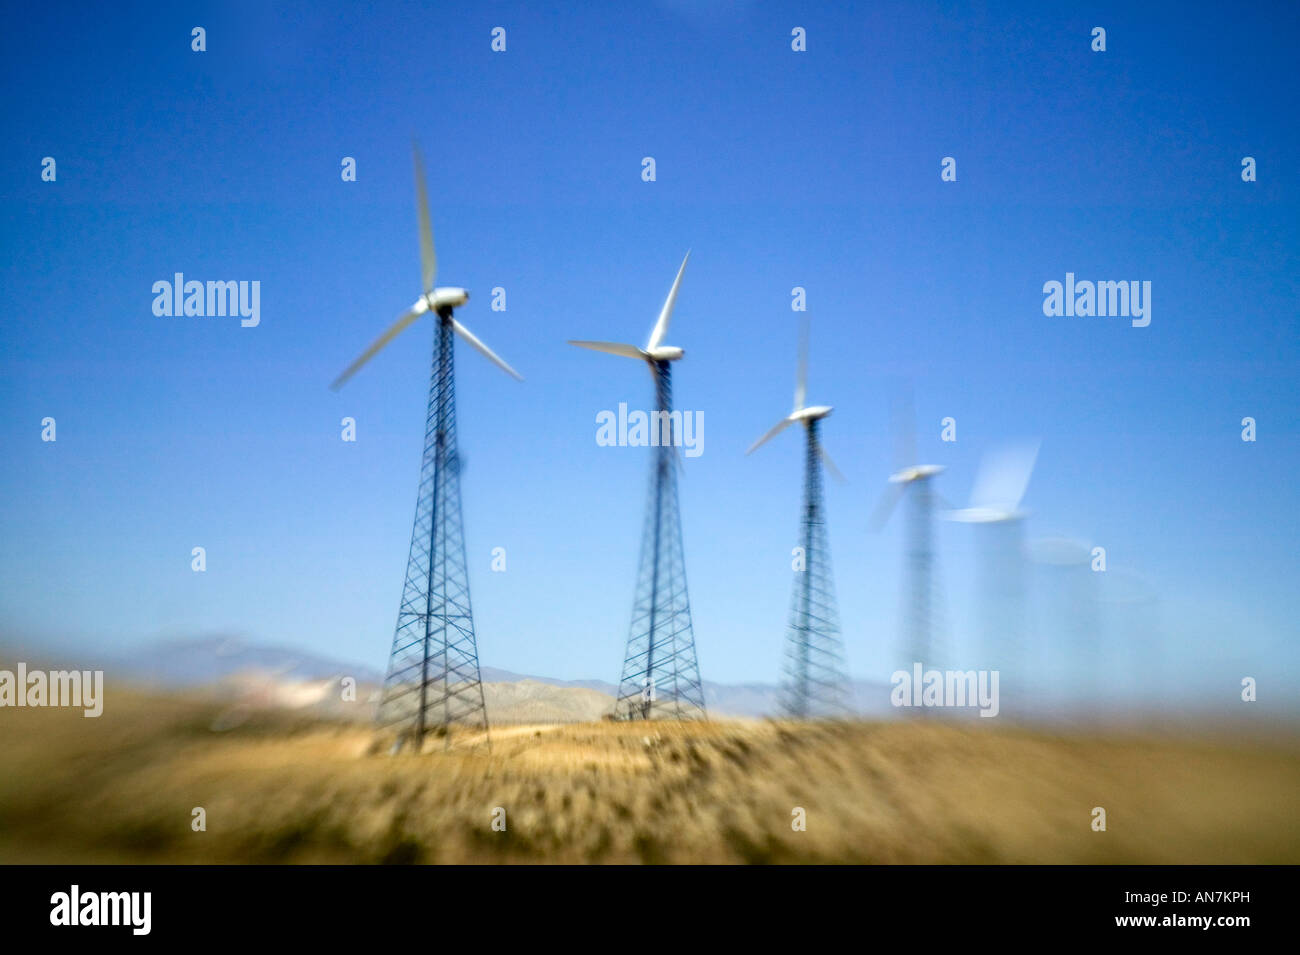 Wind turbines in California, USA - Stock Image